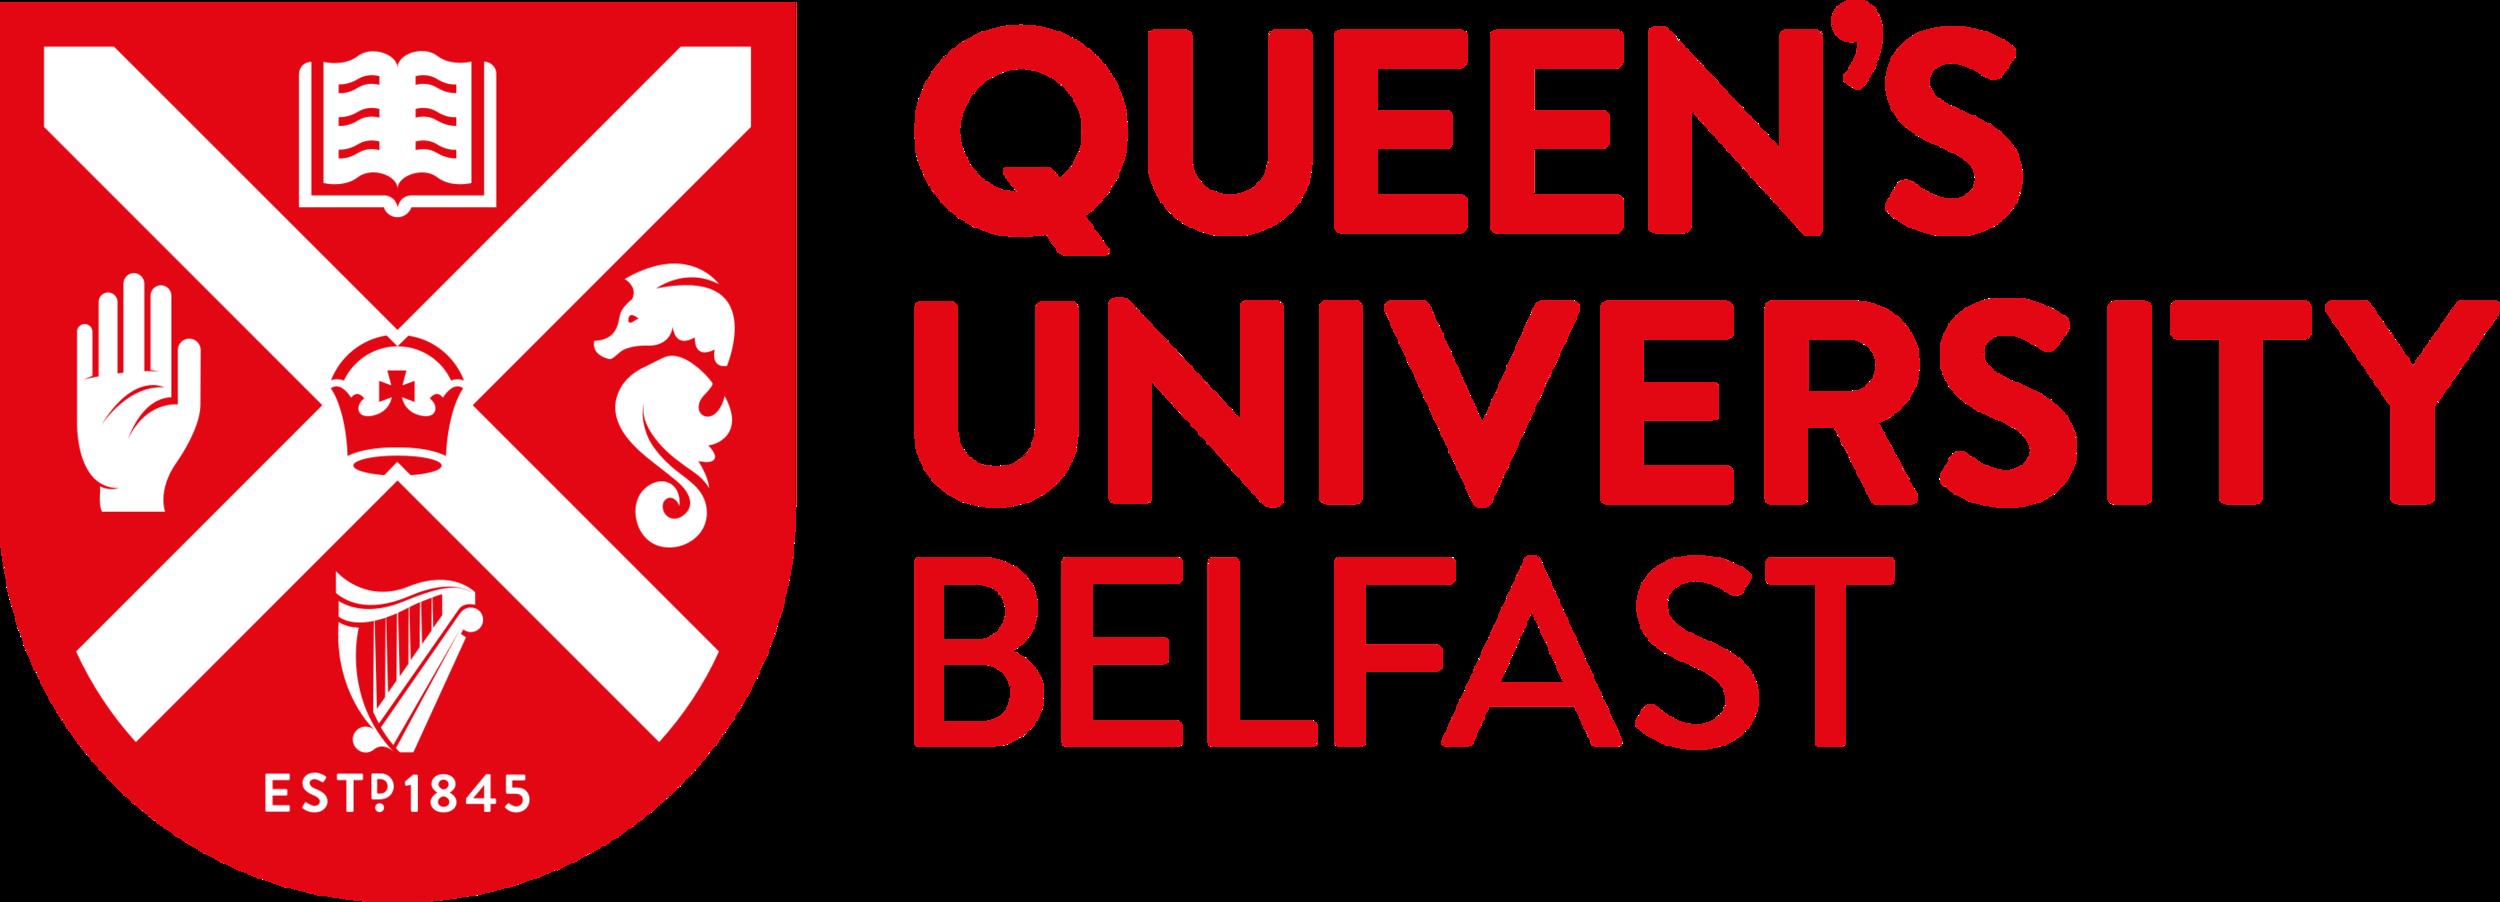 queens-university-belfast-logo.png